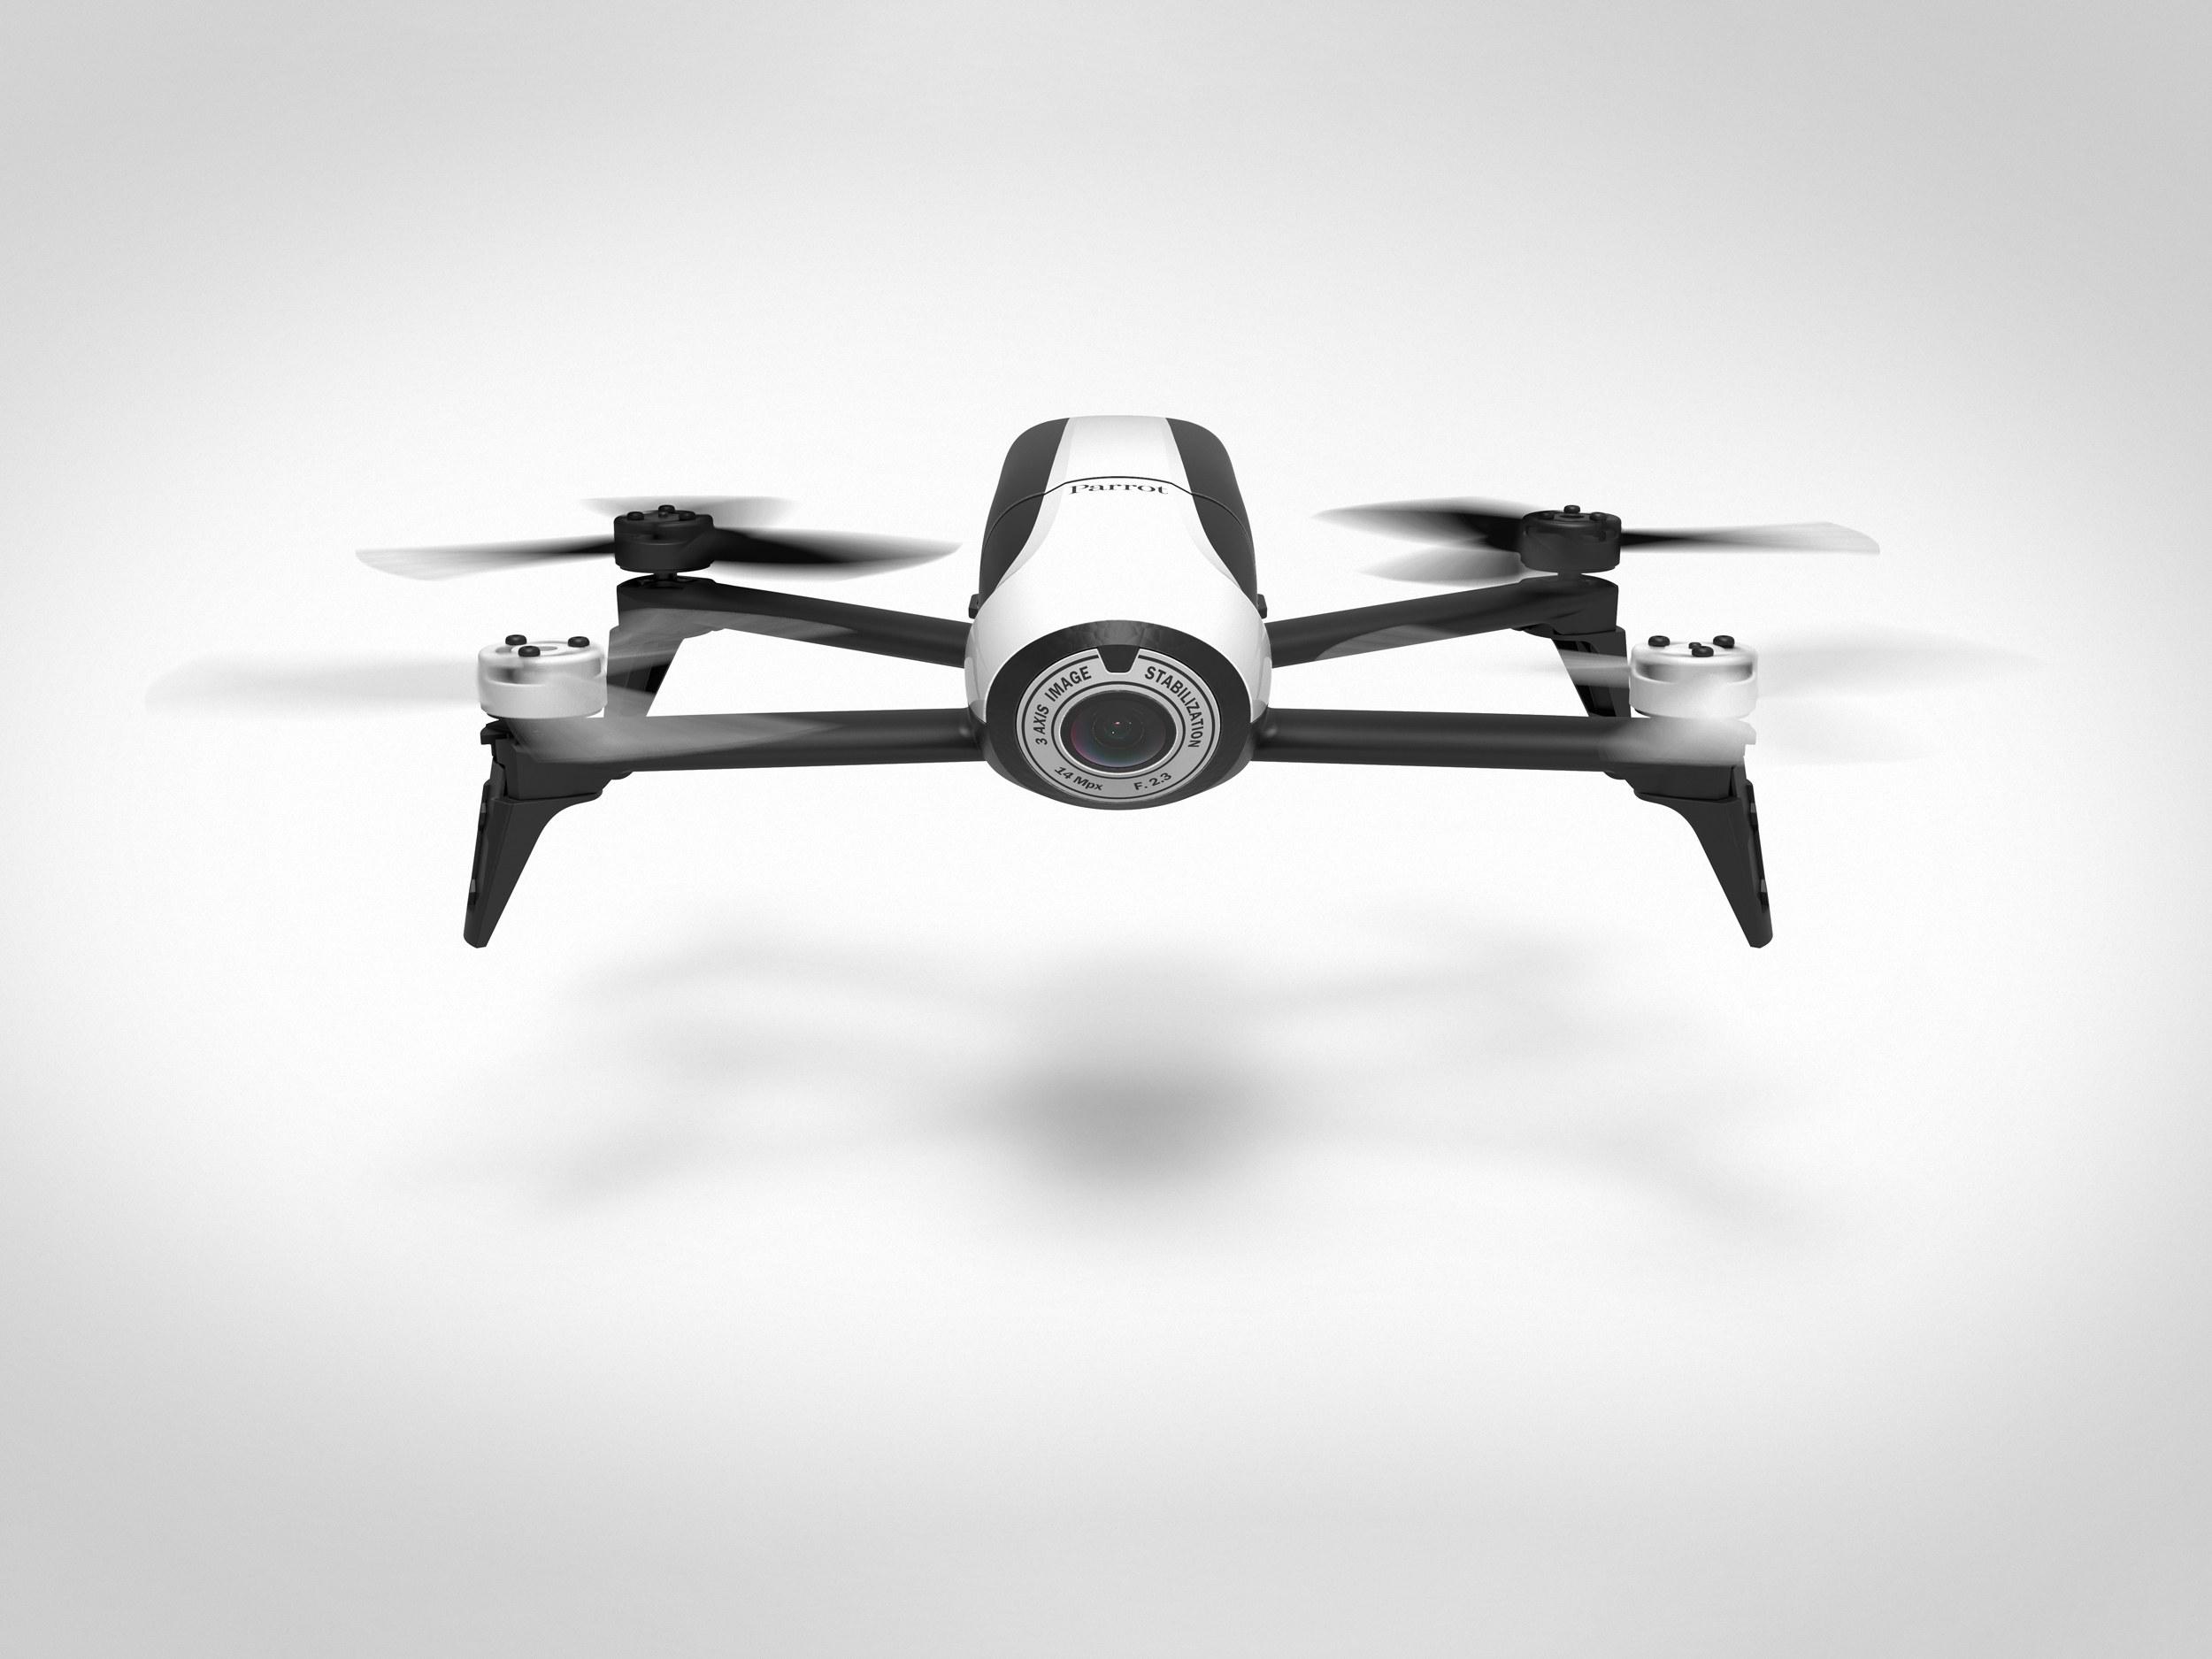 Promotion dronex pro test francais, avis cadeau drone